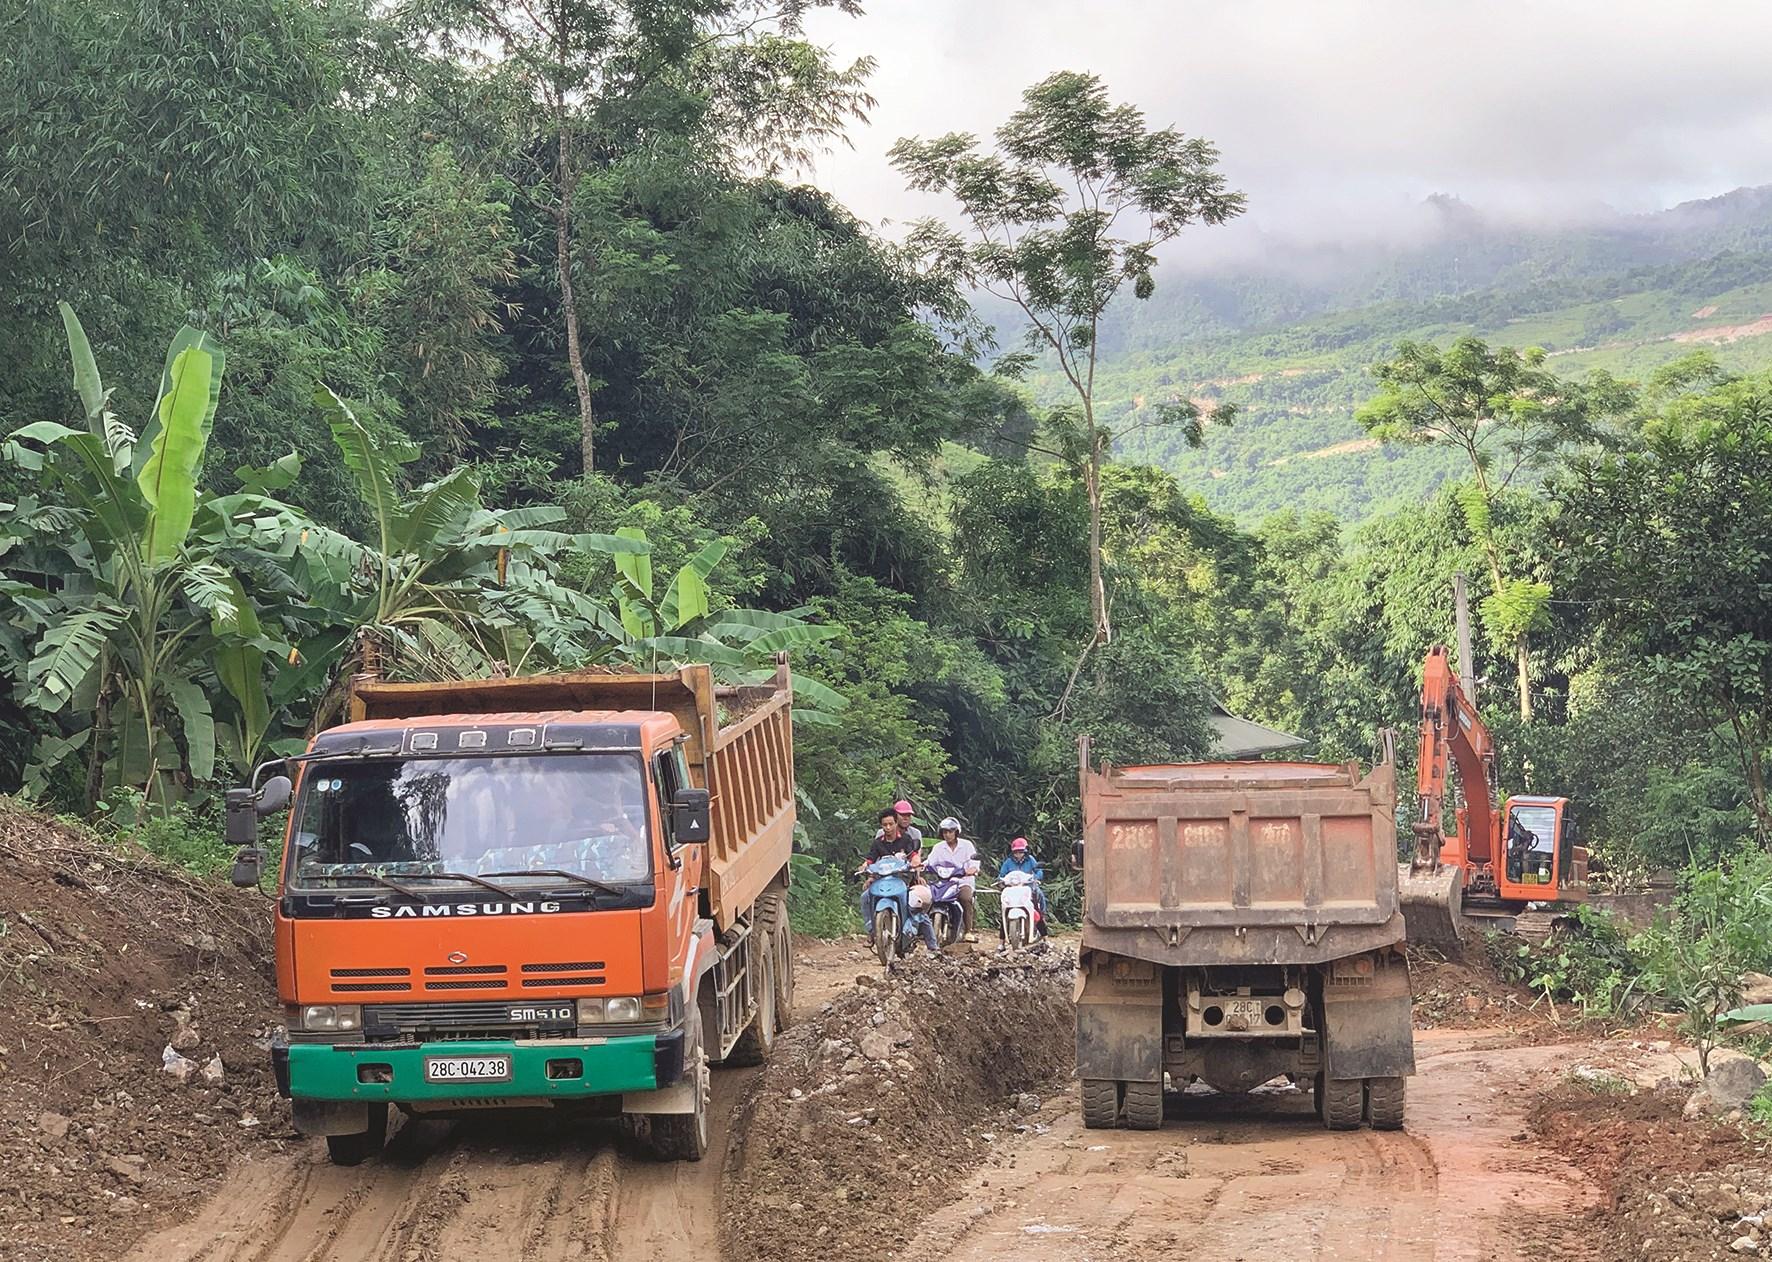 Một số tuyến đường trên địa bàn huyện Đà Bắc (Hòa Bình) đang được nâng cấp, sửa chữa bằng nguồn vốn ODA.